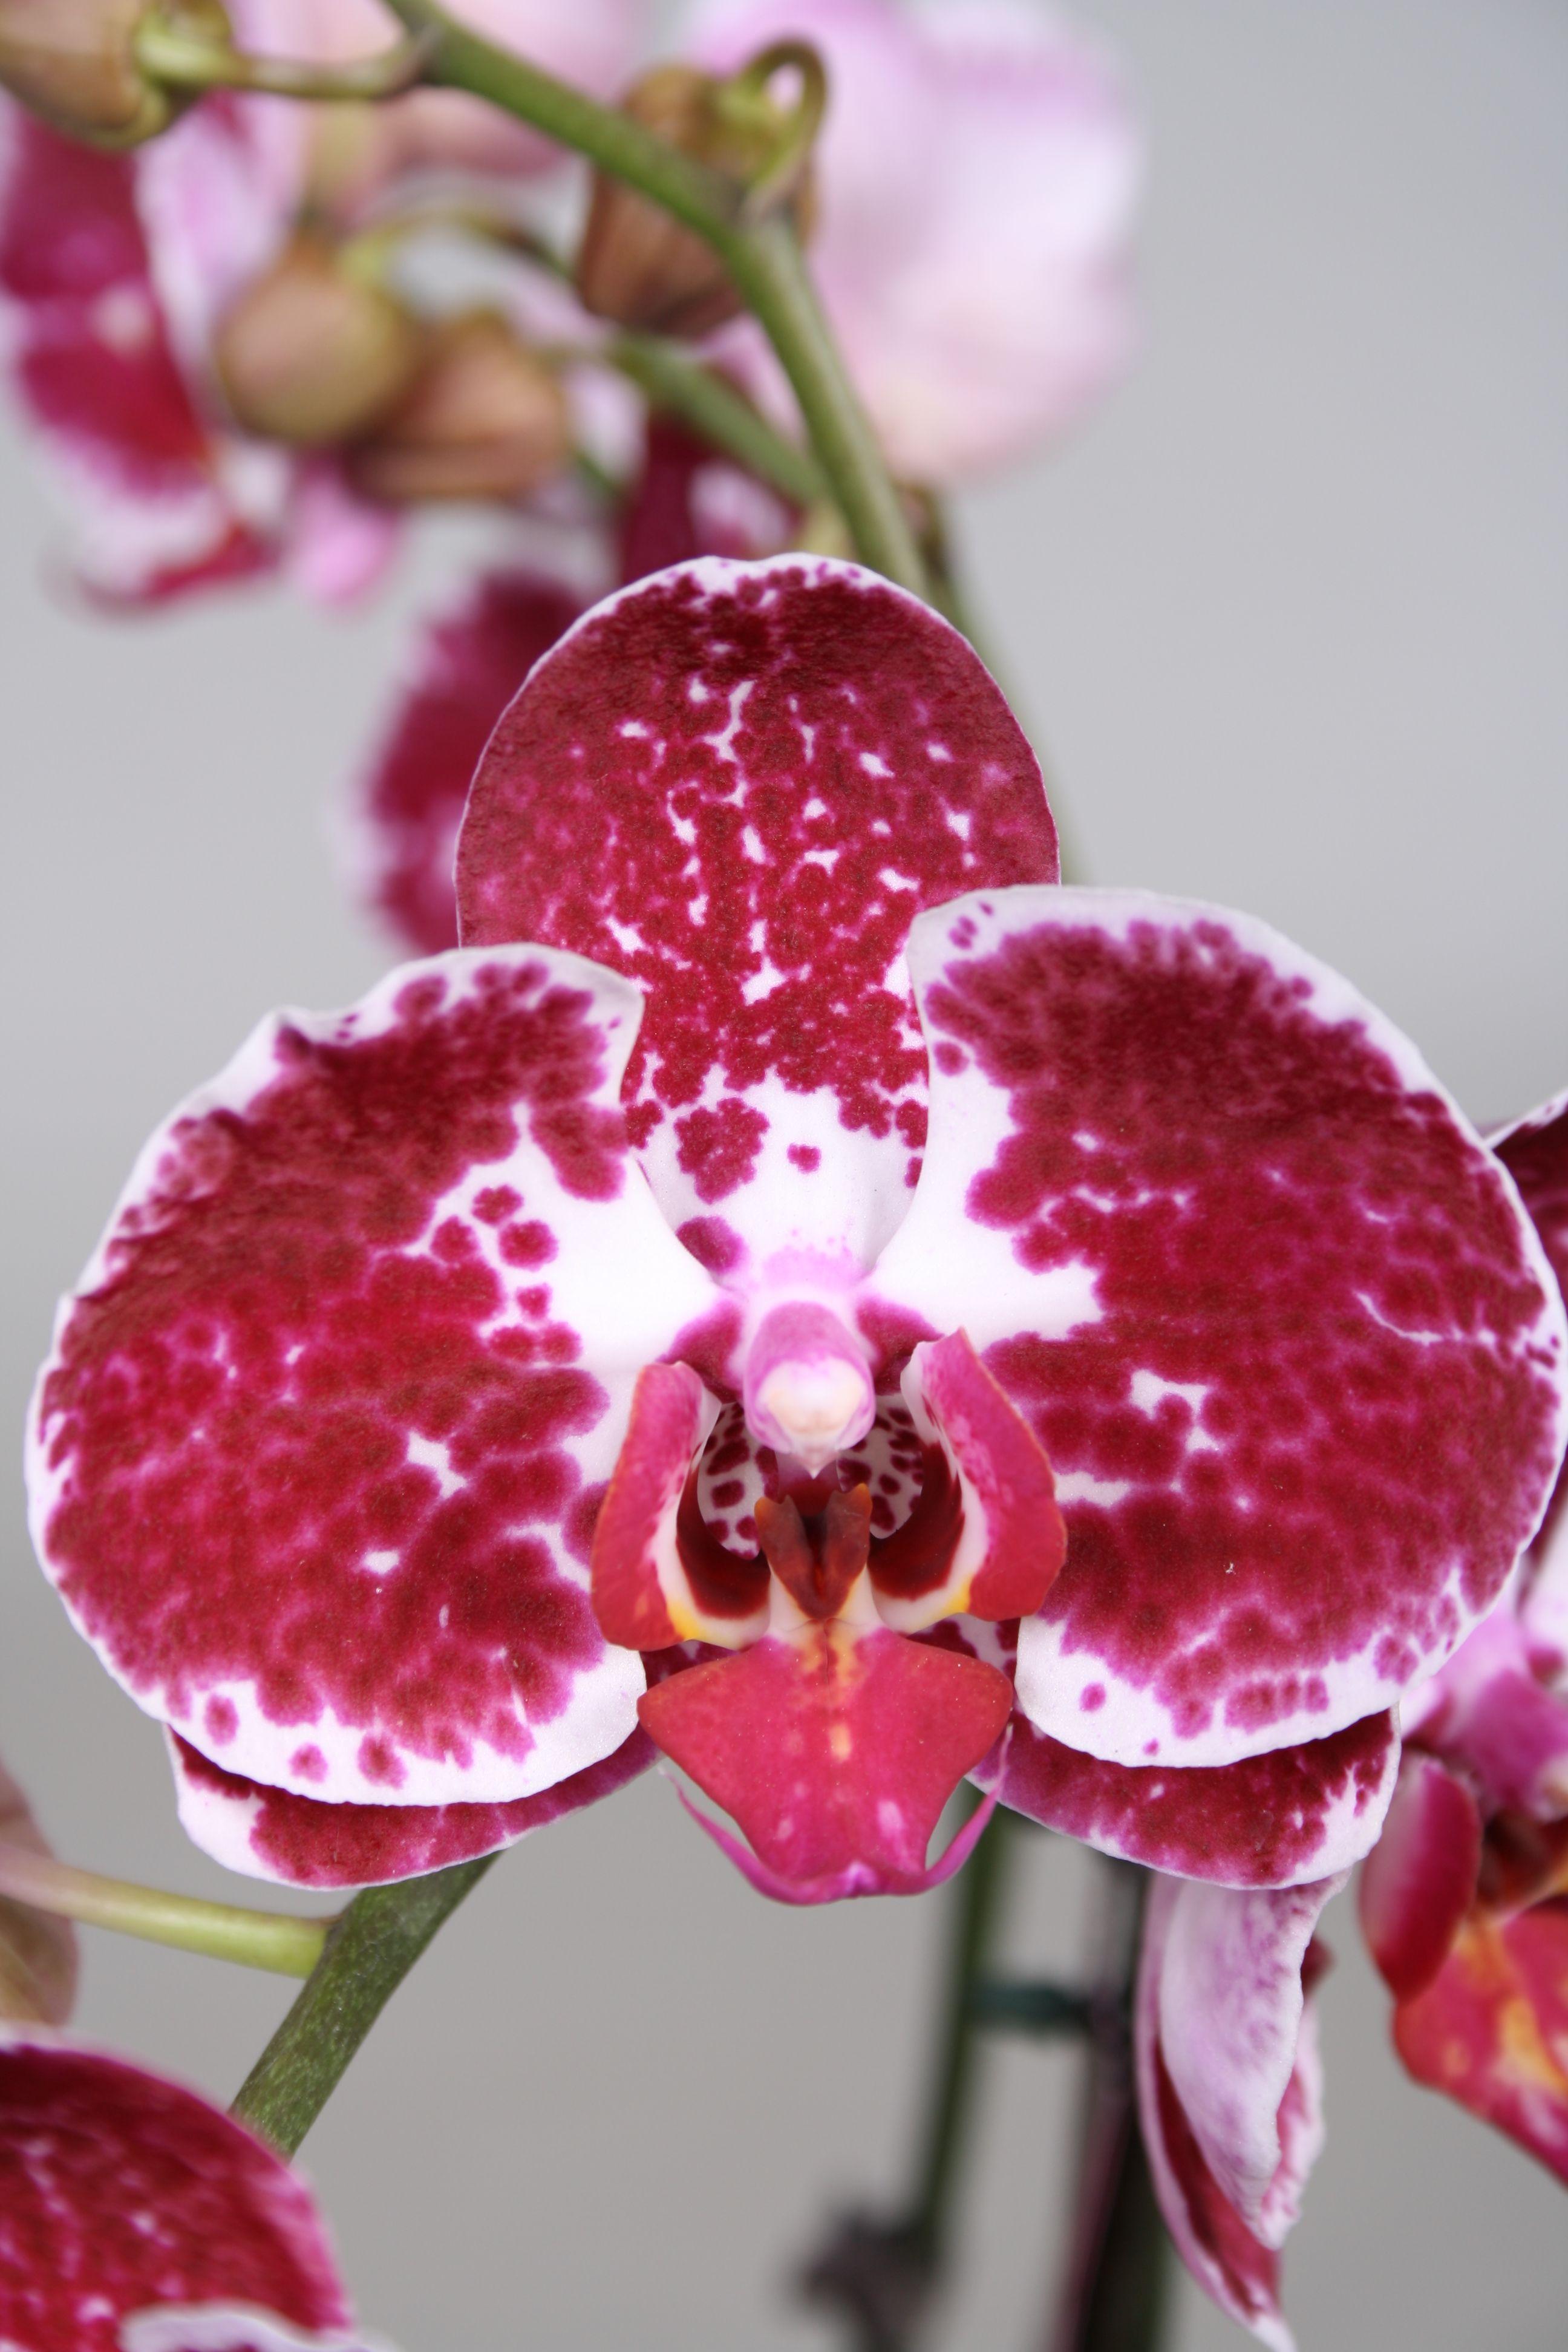 орхидея джулия фото всё сделала инструкции